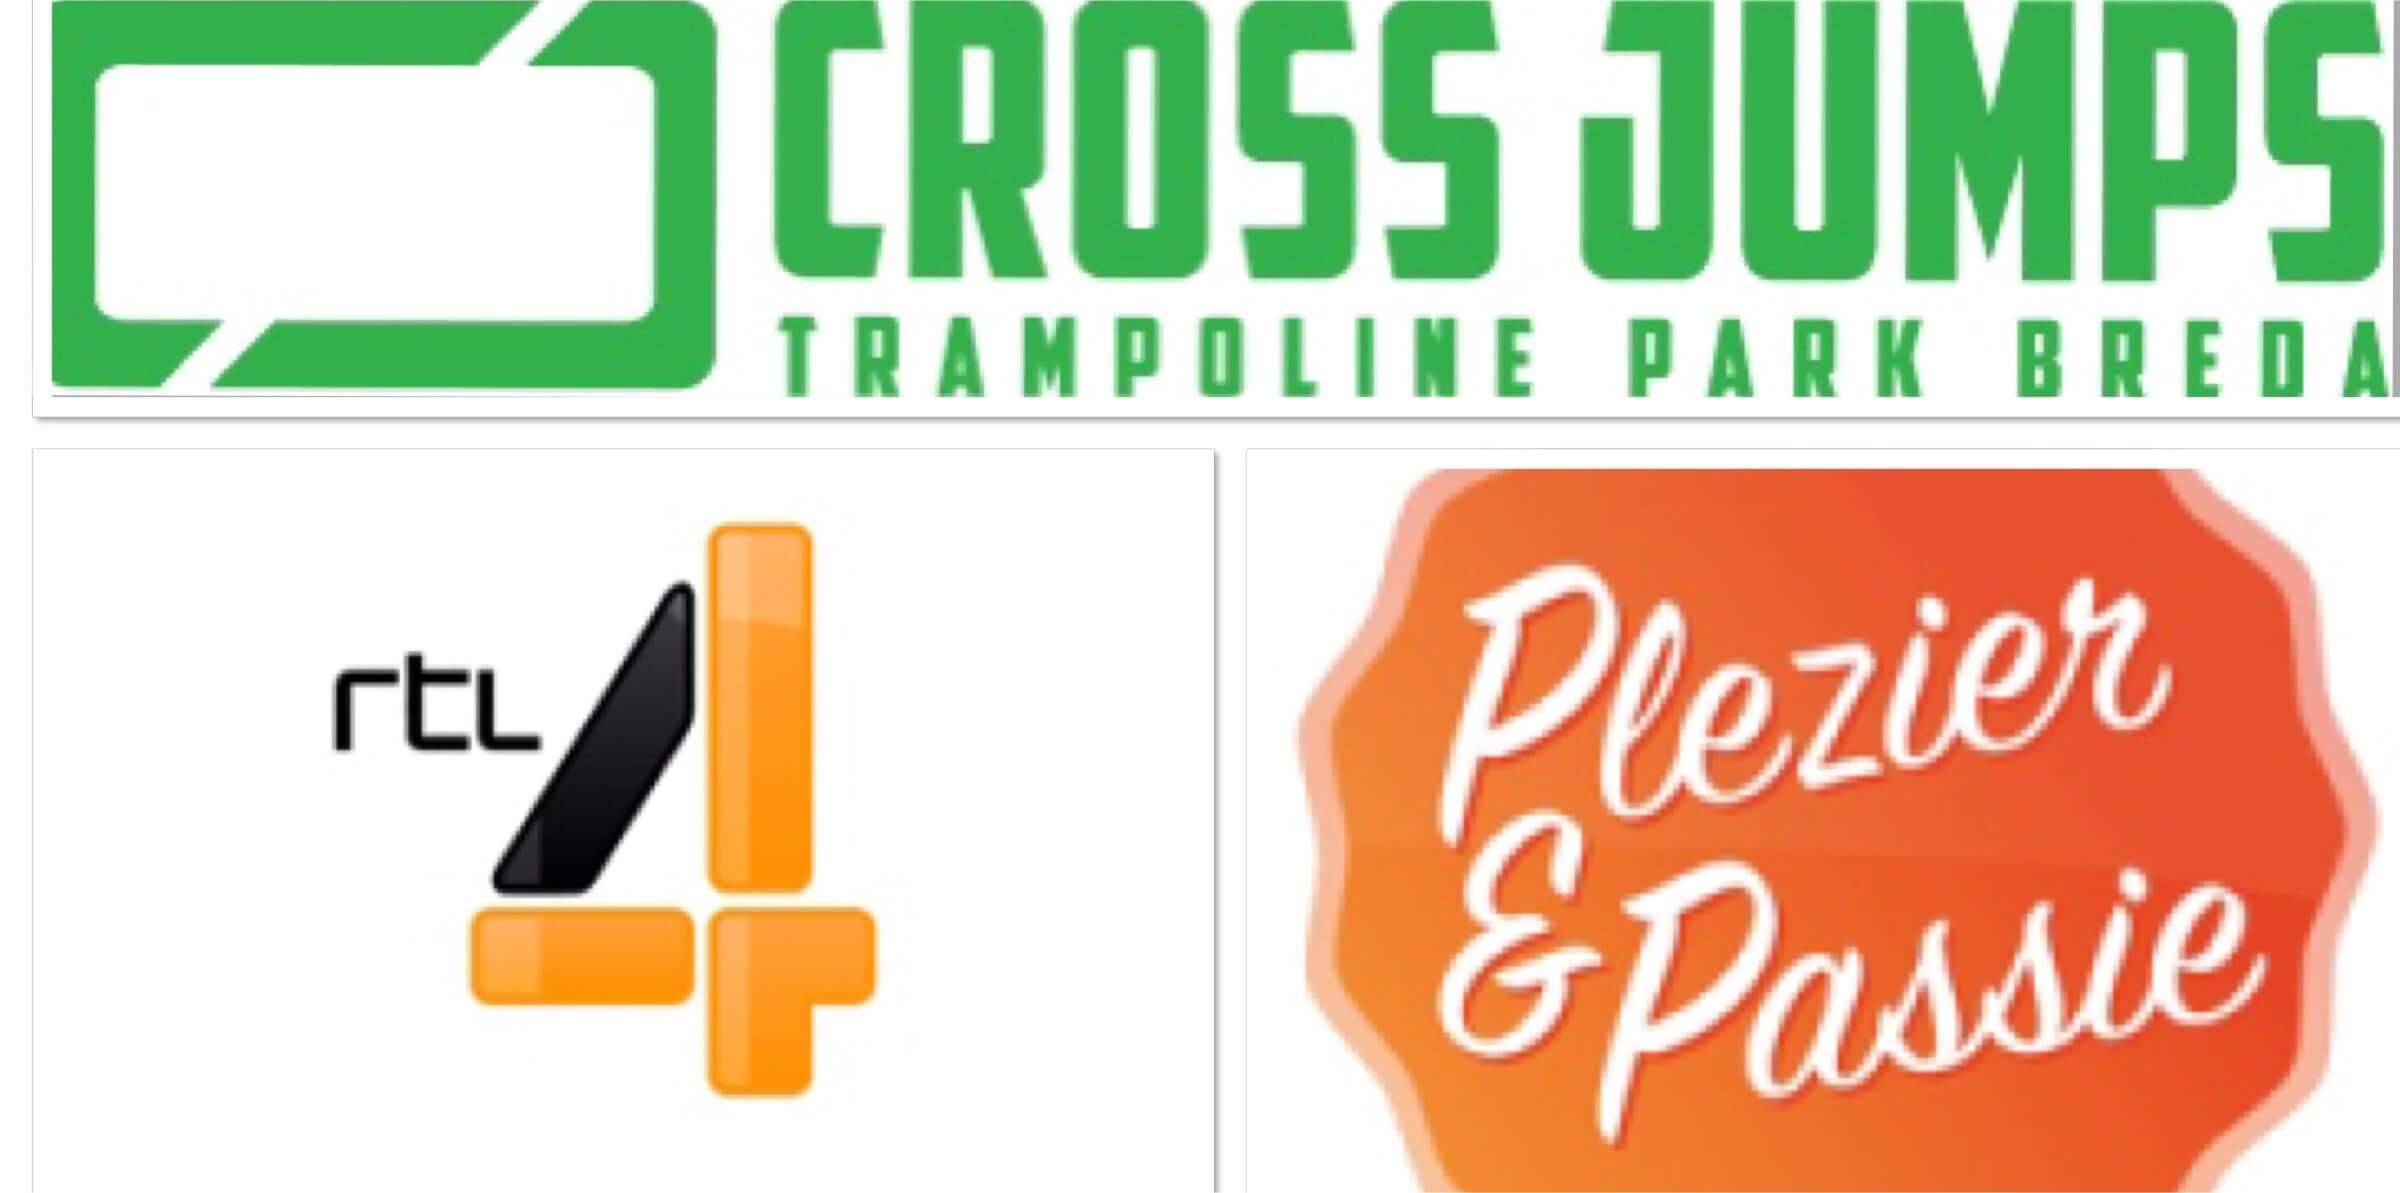 rtl4 plezier en passie bij cross jumps